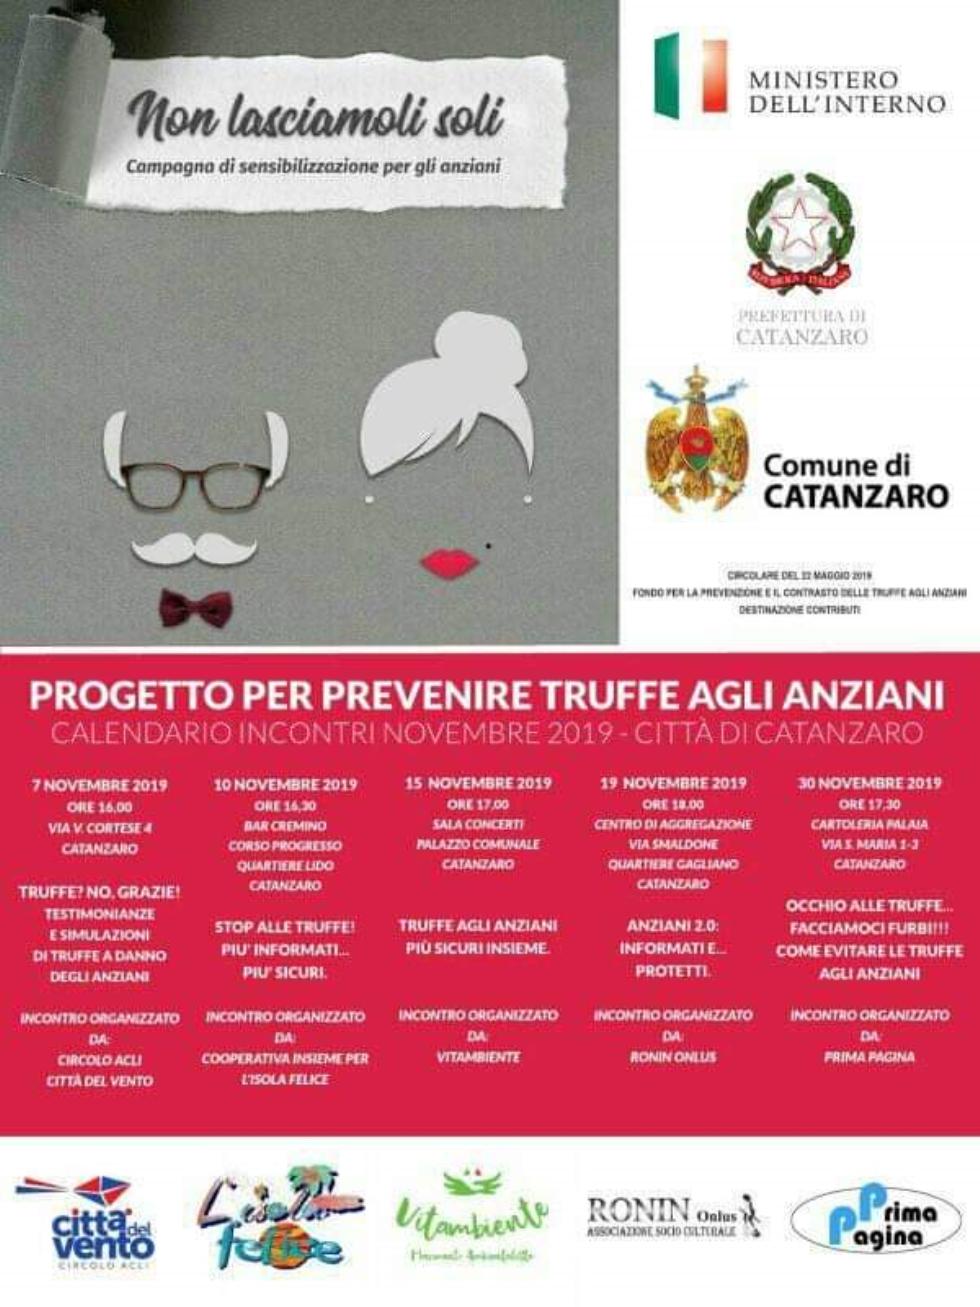 Anteas Catanzaro e il progetto